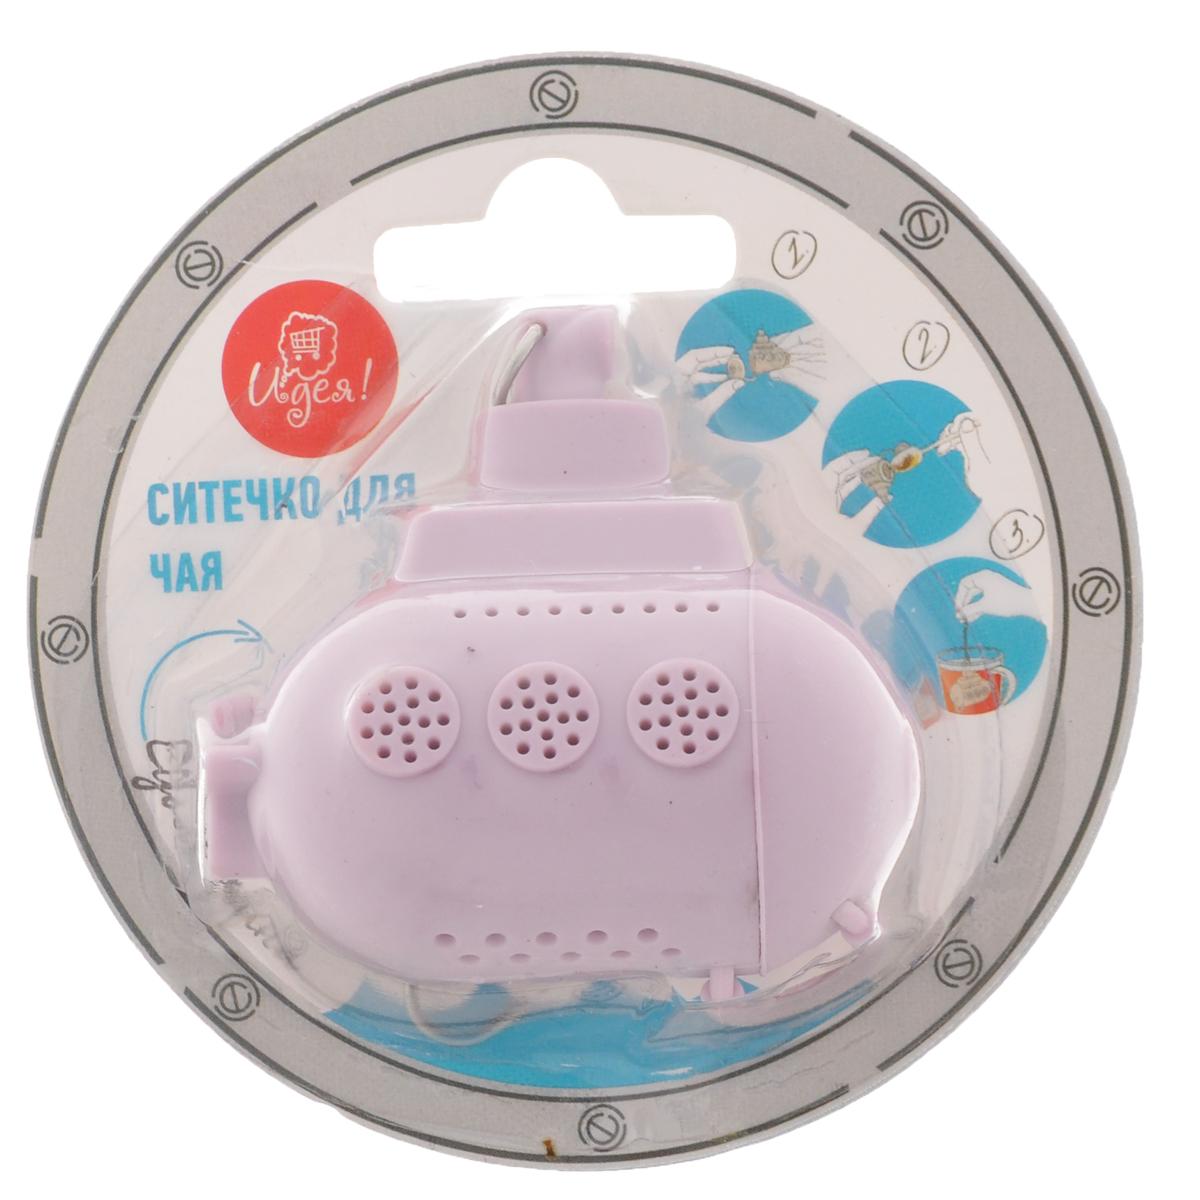 Ситечко для чая Идея Субмарина, цвет: пепельно-розовыйSBM-01_пепельно розовыйСитечко Идея Субмарина прекрасно подходит для заваривания любого вида чая.Изделие выполнено из пищевого силикона в виде подводной лодки. Ситечком оченьлегко пользоваться. Просто насыпьте заварку внутрь и погрузите субмарину на днокружки. Изделие снабжено металлической цепочкой с крючком на конце.Забавная и приятная вещица для вашего домашнего чаепития.Не рекомендуется мыть в посудомоечной машине.Размер фигурки: 6 см х 5,5 см х 3 см.